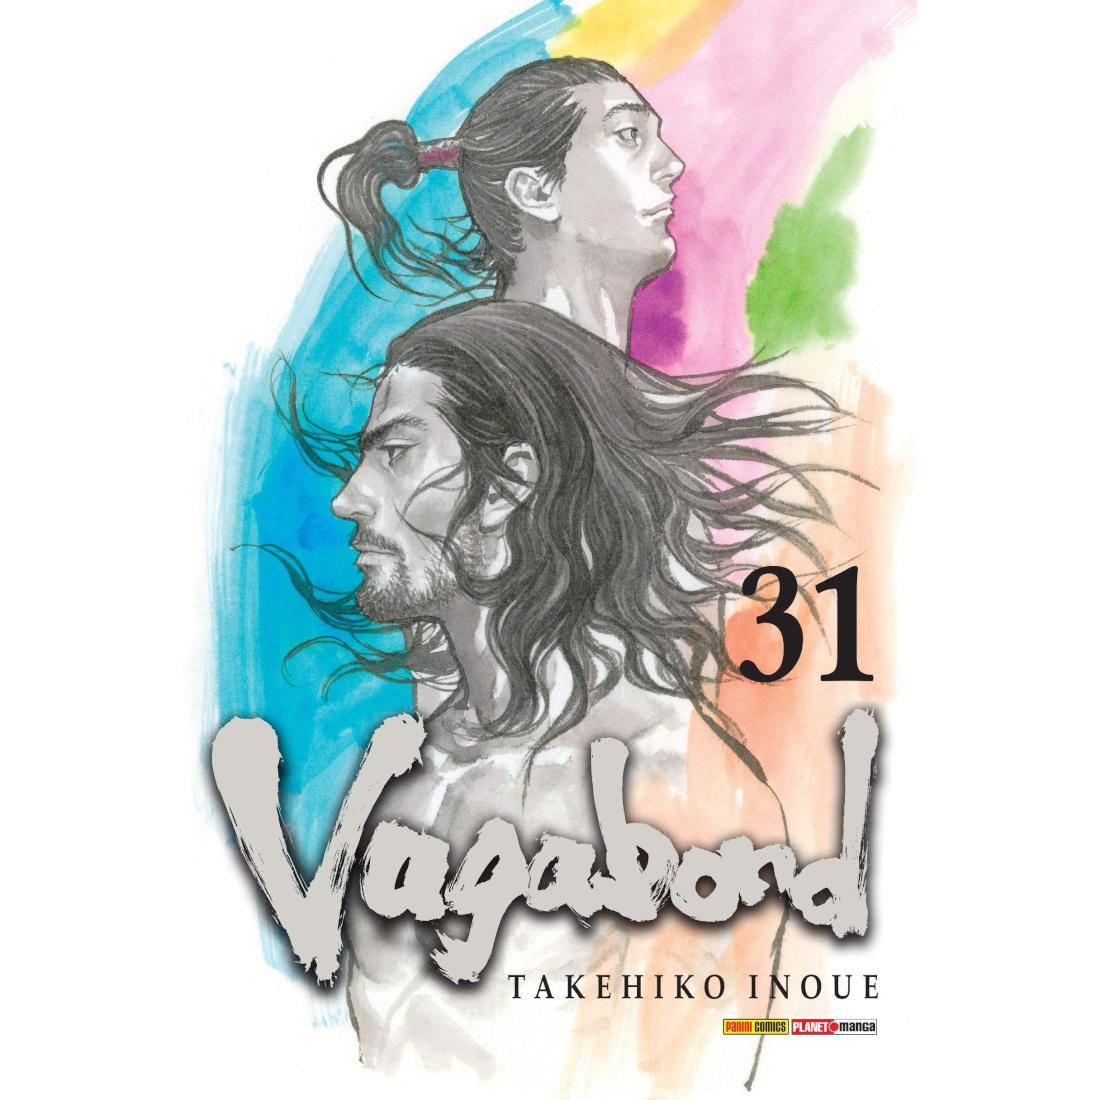 Vagabond Vol. 31